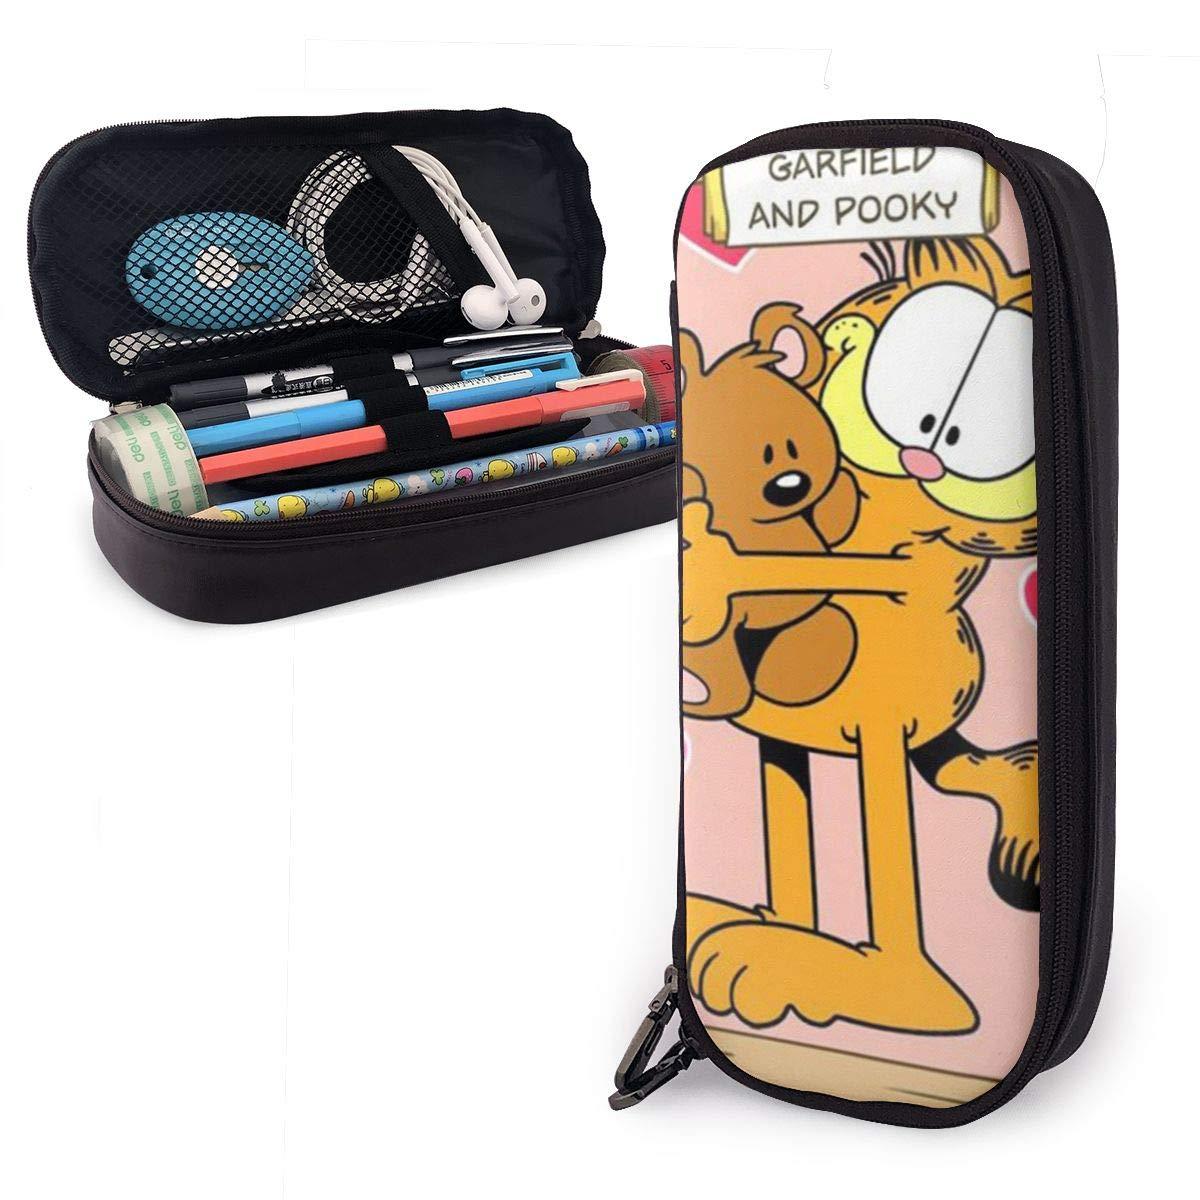 Garfield and Pooky - Estuche para lápices (doble cremallera, poliuretano): Amazon.es: Oficina y papelería